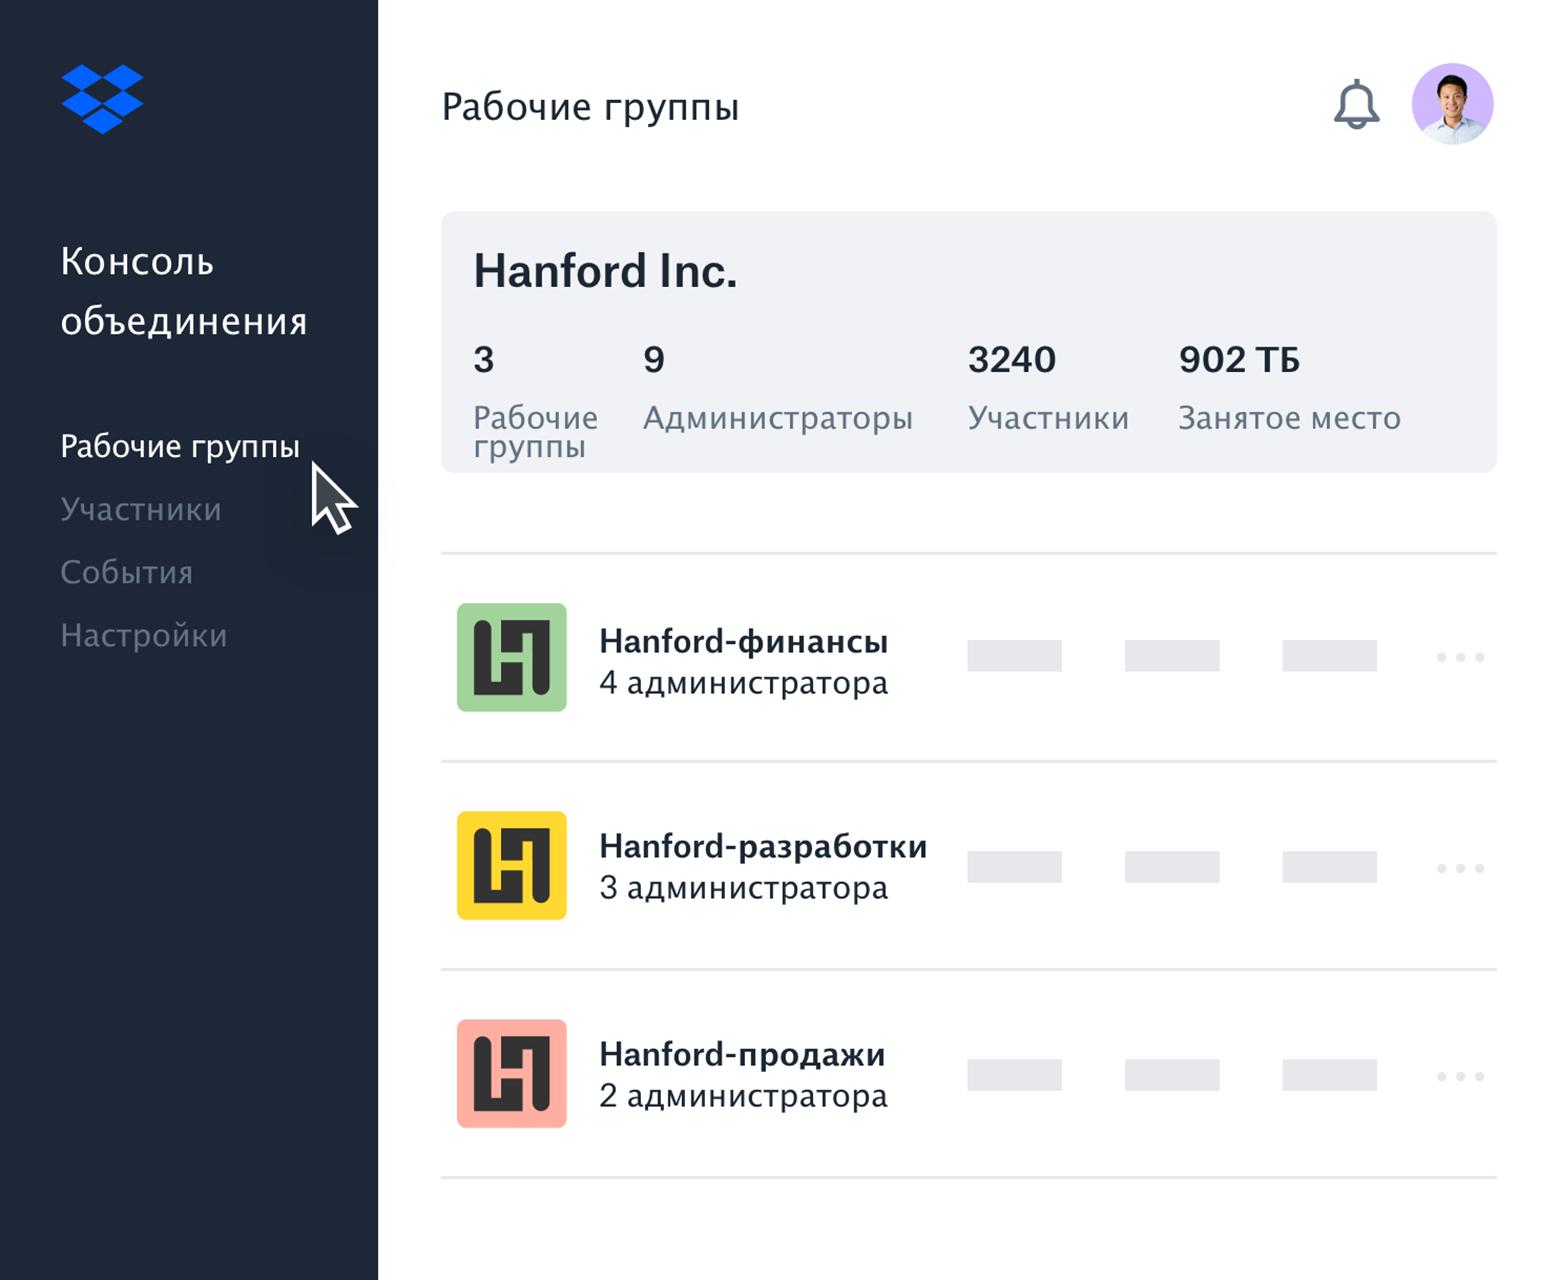 Пример интерфейса консоли объединения Dropbox с перечнем подгрупп и информацией об участниках групп.